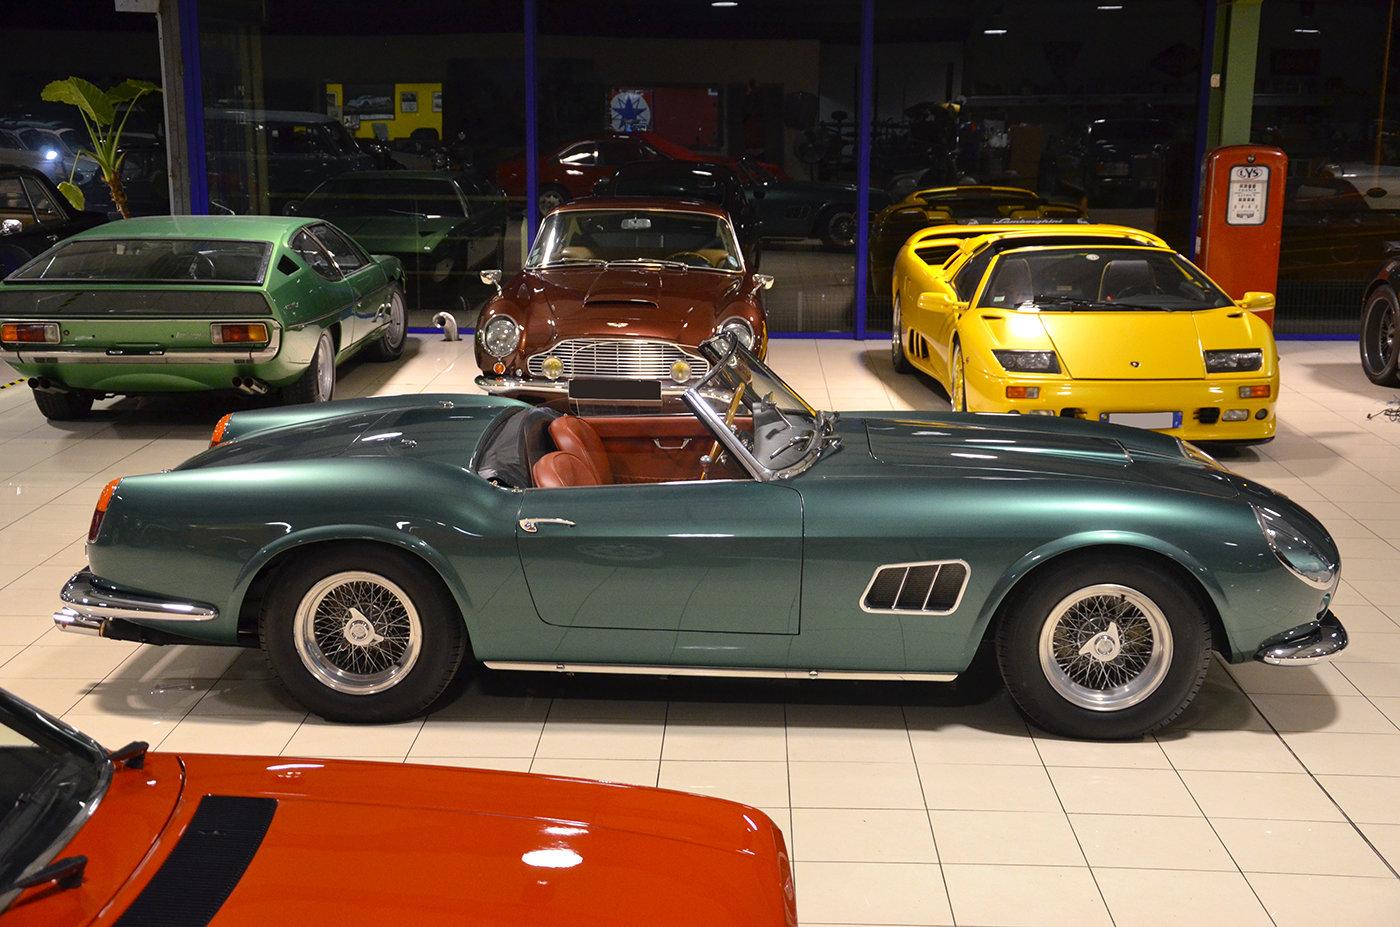 1963 Ferrari 250 GT California SWB Aluminium Body  For Sale (picture 2 of 6)